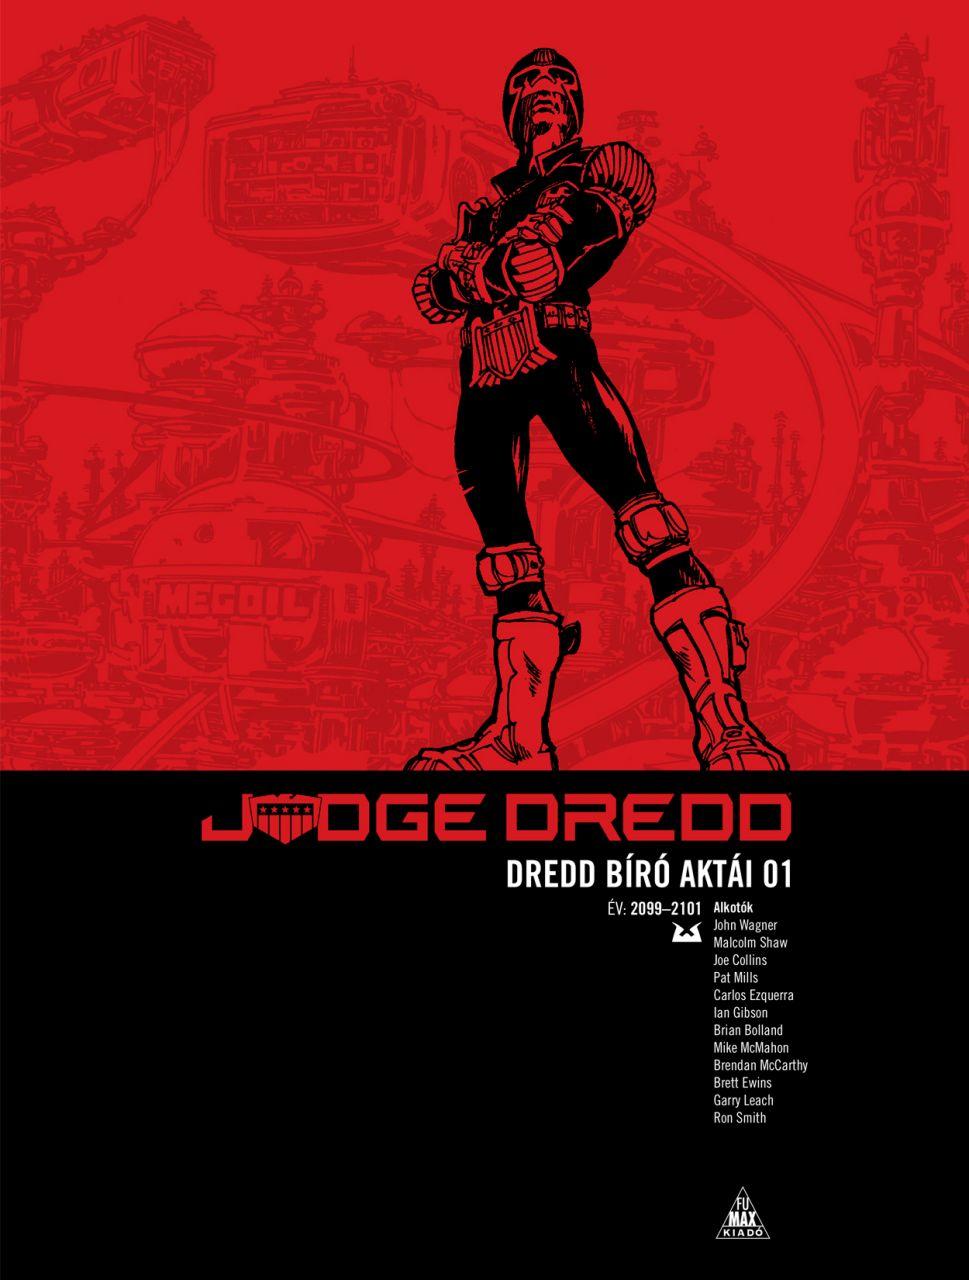 Judge Dredd - Dredd bíró aktái 01 keménytáblás képregény